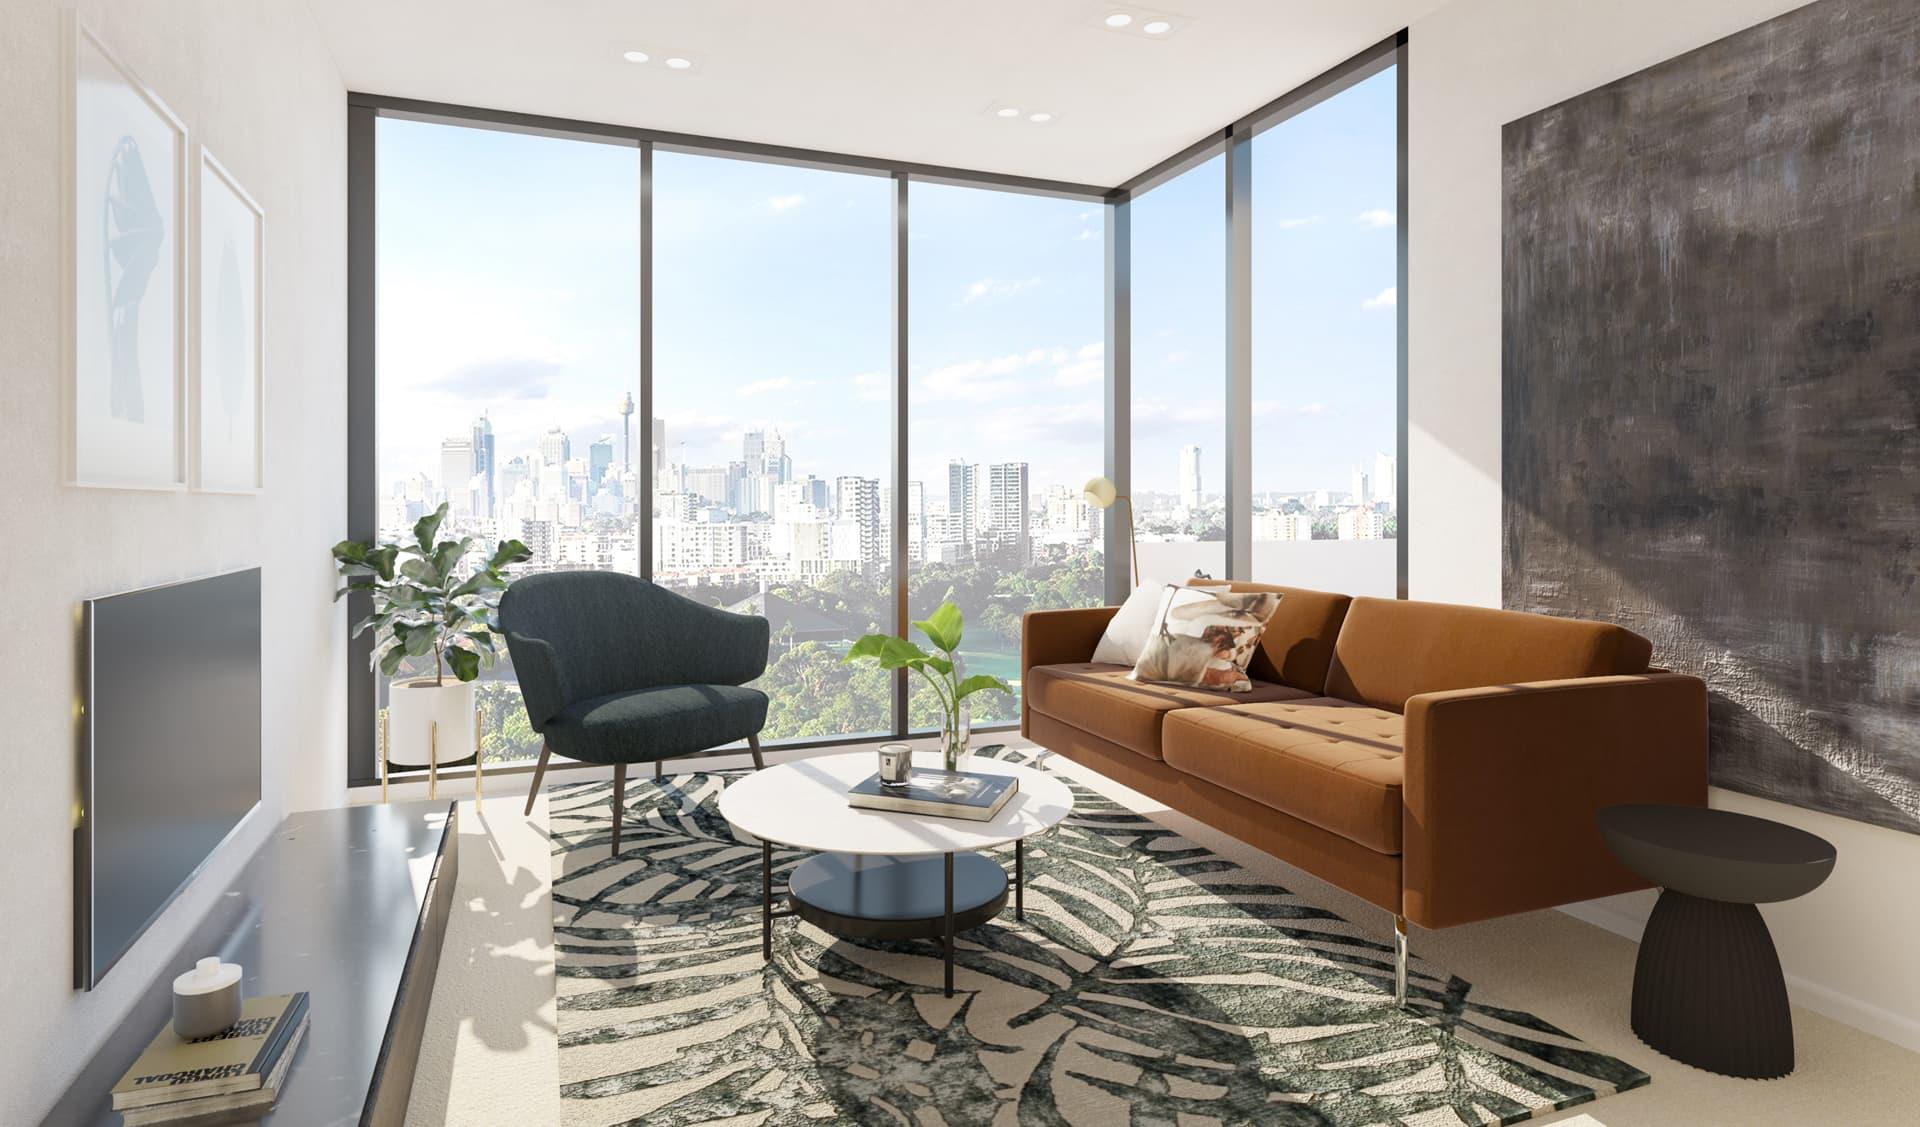 11/12 Living Room, Loft, Design Package